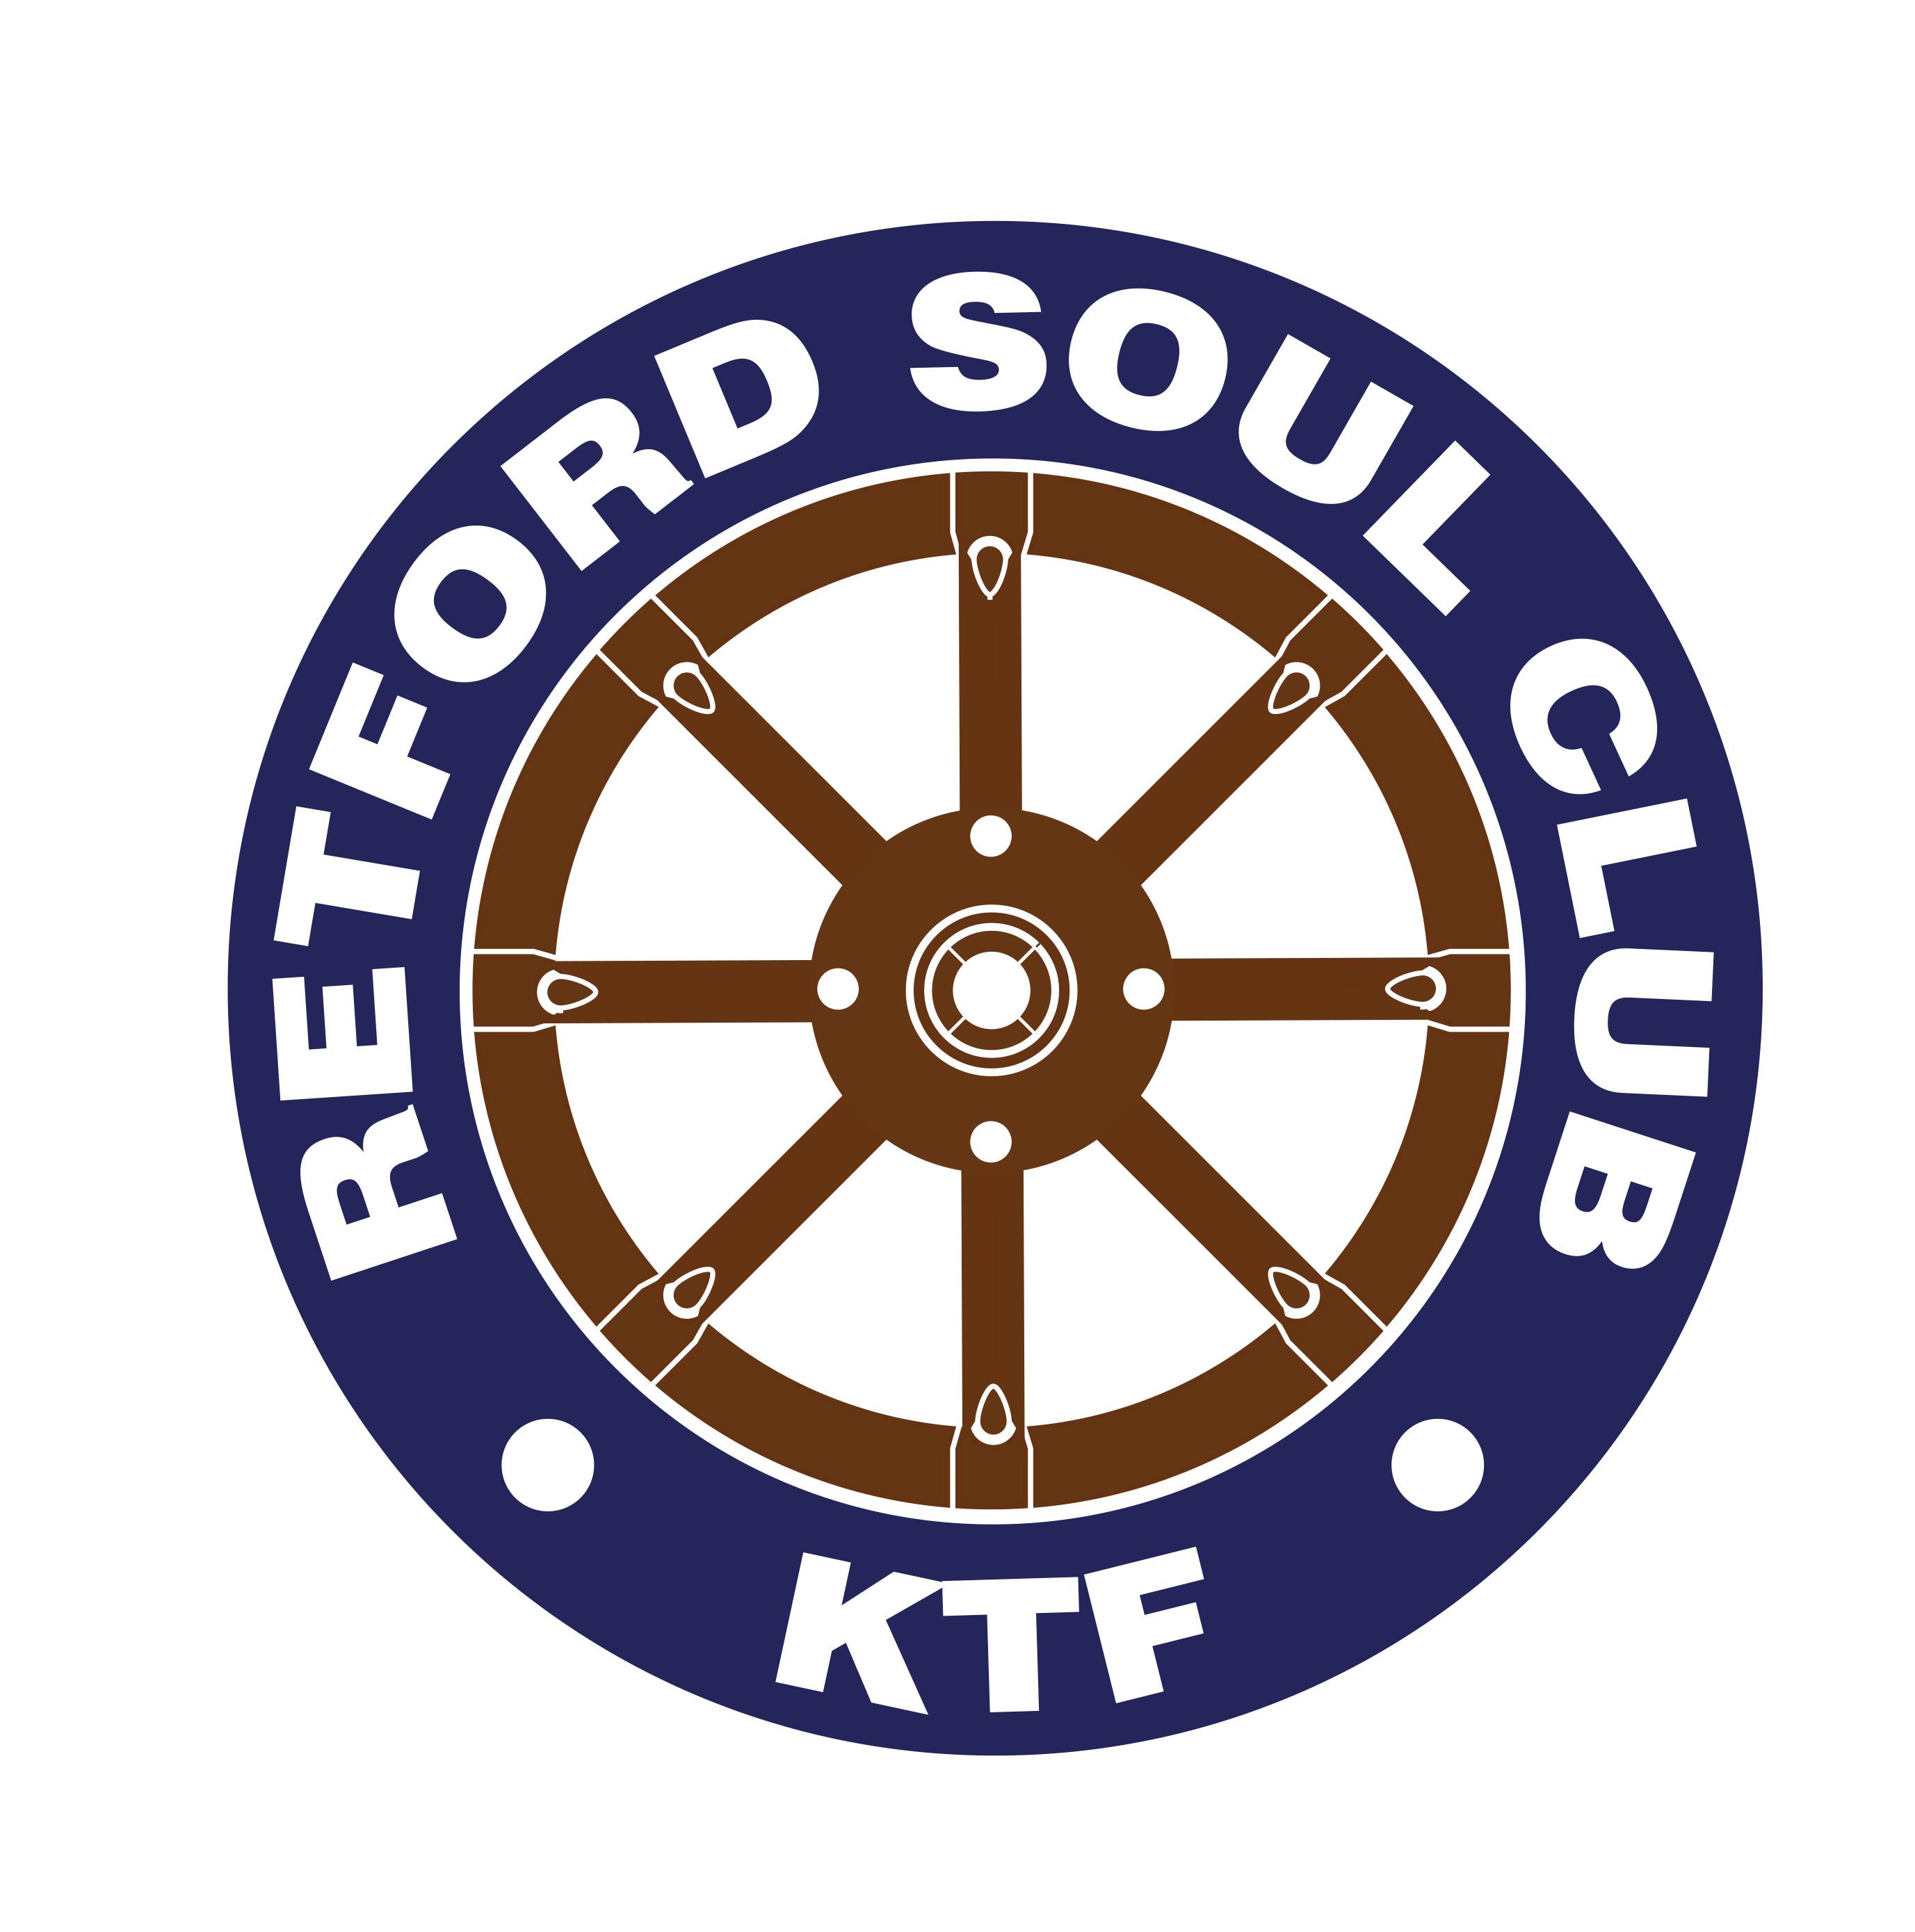 Retford Soul Club Retford Notts flyer